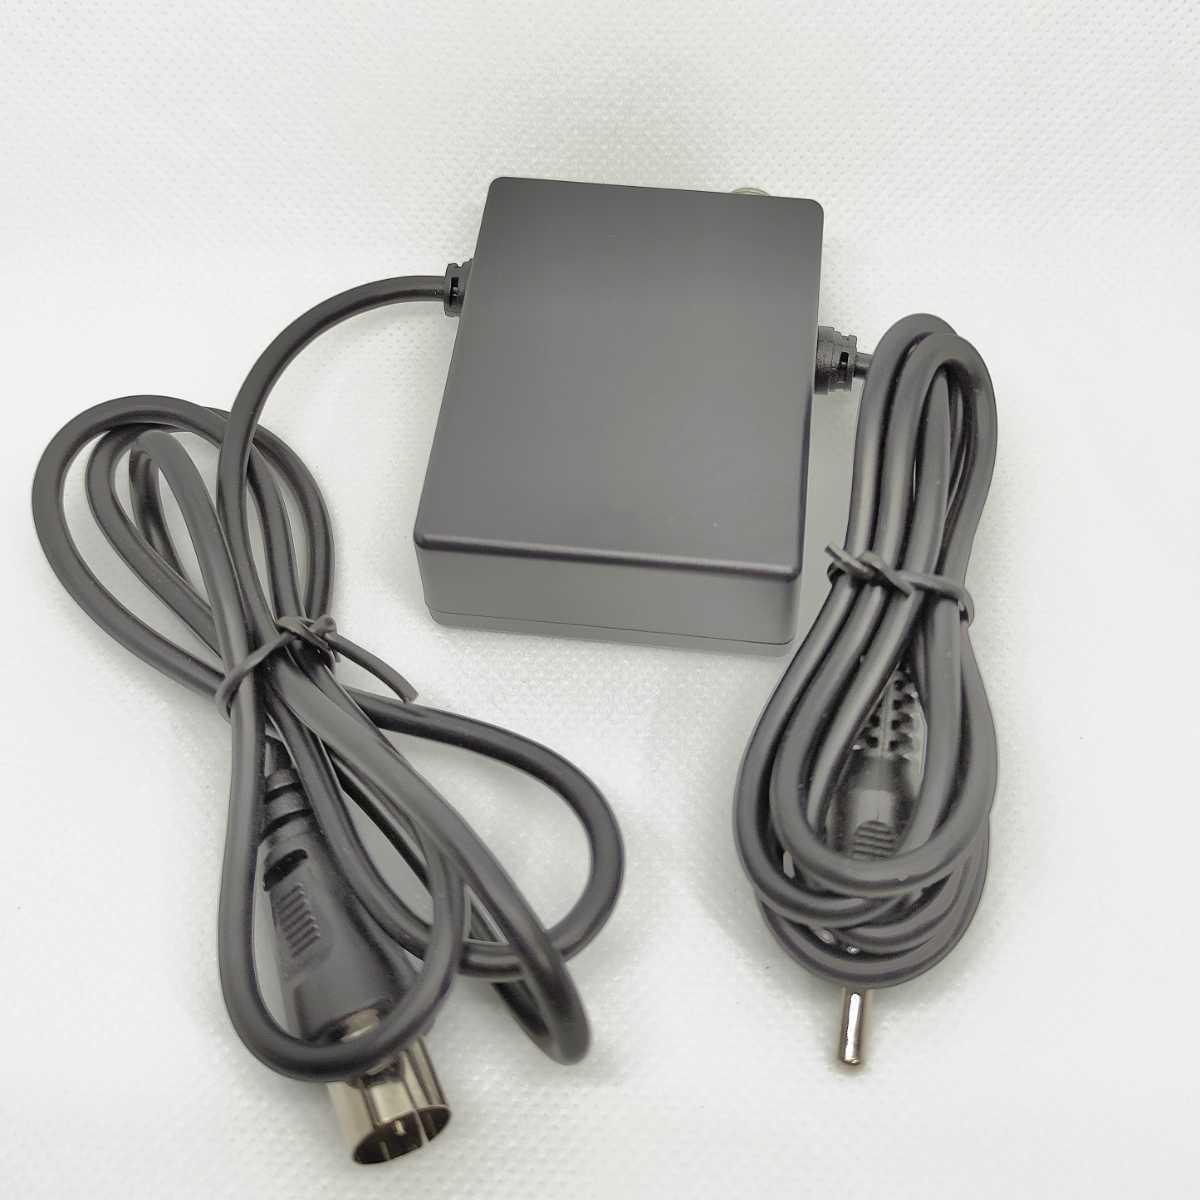 初代 ファミコン  スーパーファミコン 用 RF スイッチ  アンテナ接続